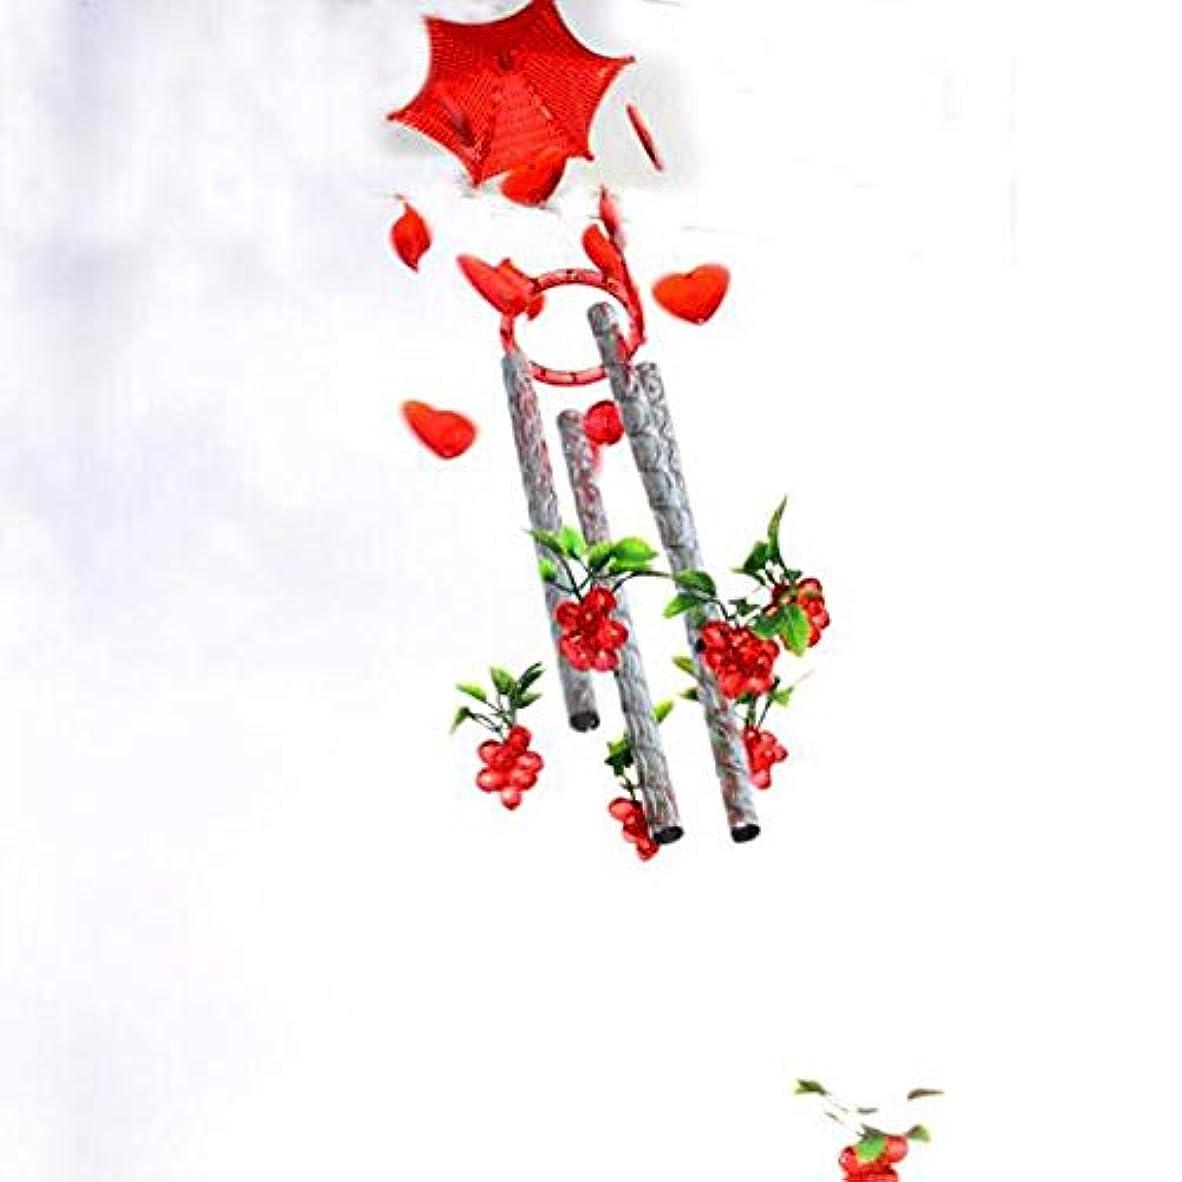 負しなければならないプットAishanghuayi 風チャイム、プラスチック金属の庭ブドウ風の鐘、ブルー、全身について80CM,ファッションオーナメント (Color : Red)